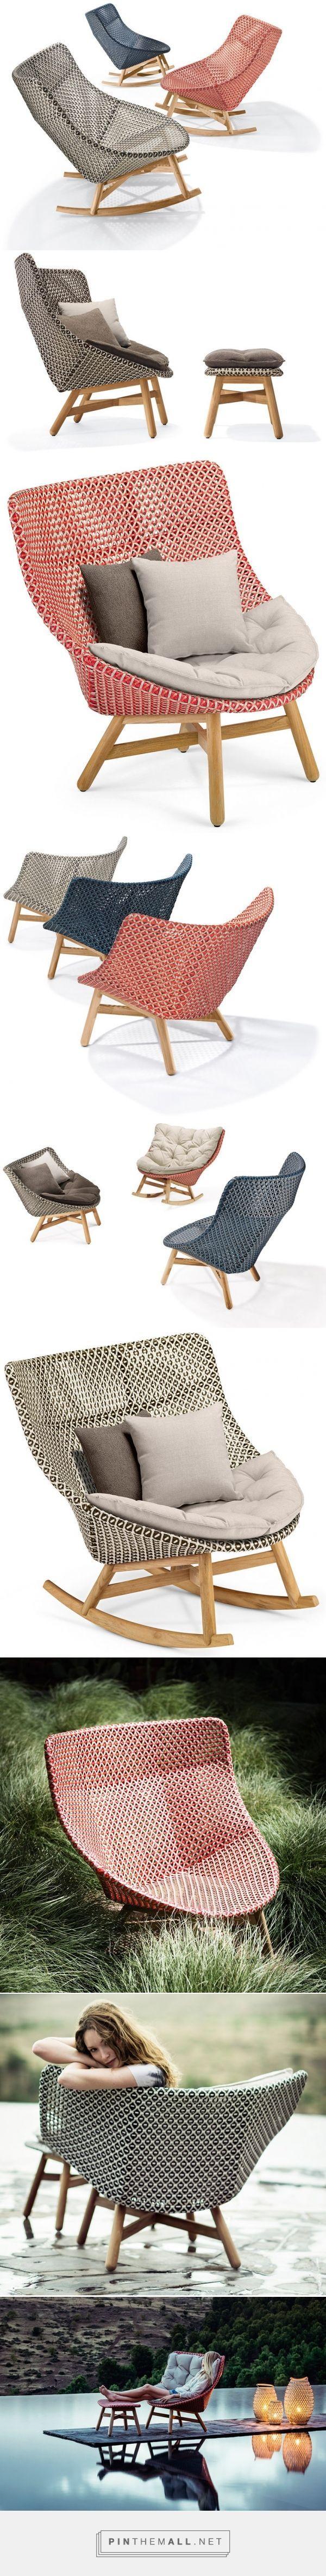 080da5ad6089fab95aa7becab9a2c53b--outdoor-chairs-adirondack-chairs Meilleur De De Housse Protection Salon De Jardin Conception